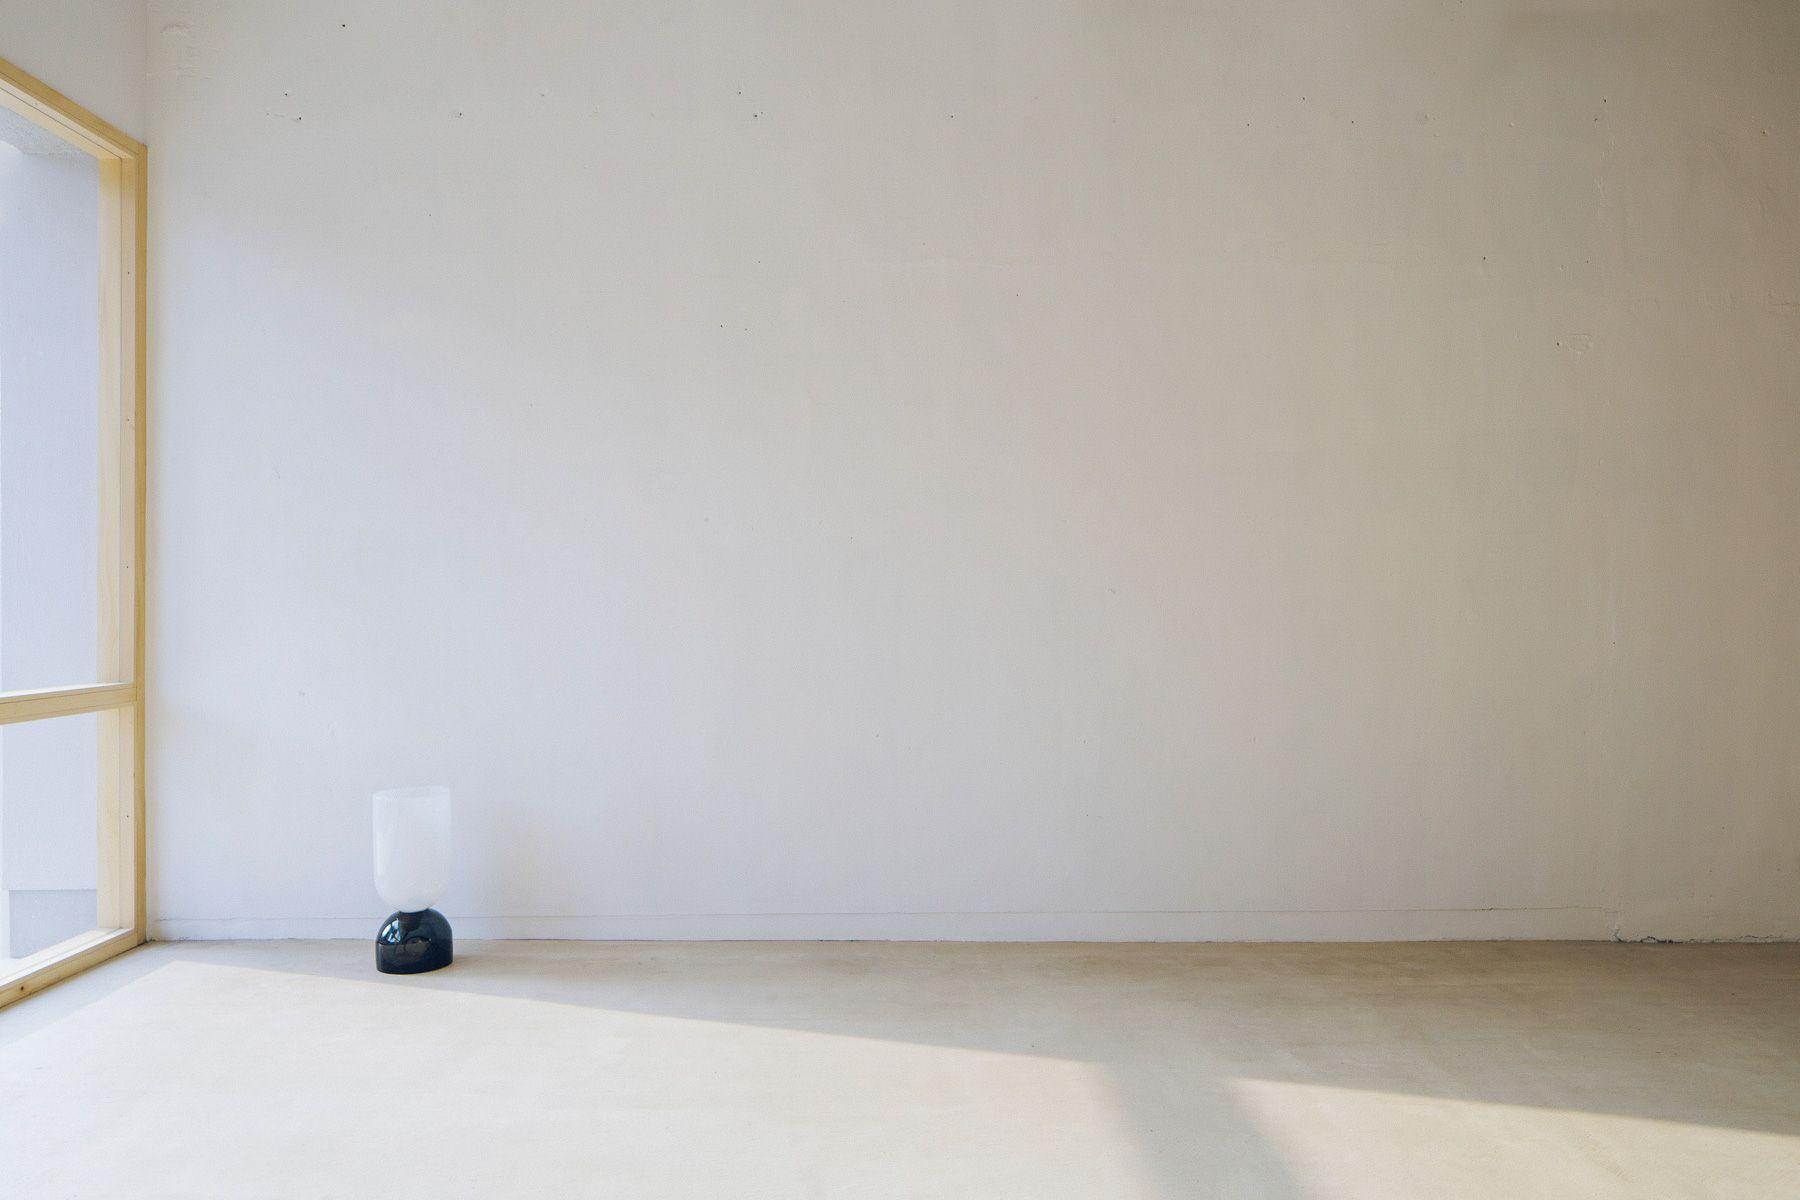 ferme studio  (フェルム スタジオ)white room